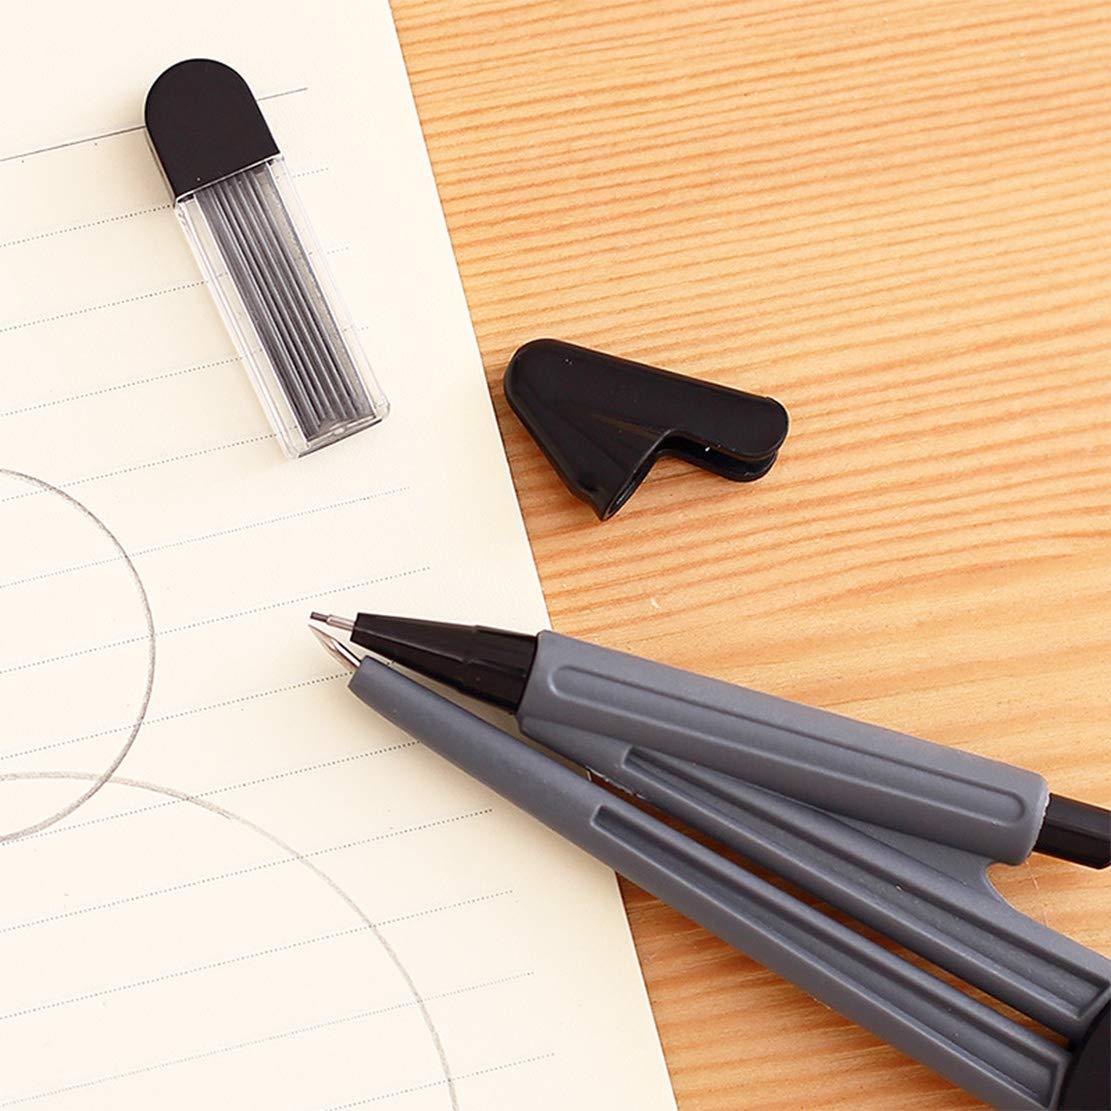 Geometria Tools set compasso goniometro scuola matematica per geometria Back to School Gift include righelli goniometro compasso matita portamine cancellino per studenti e disegni tecnici